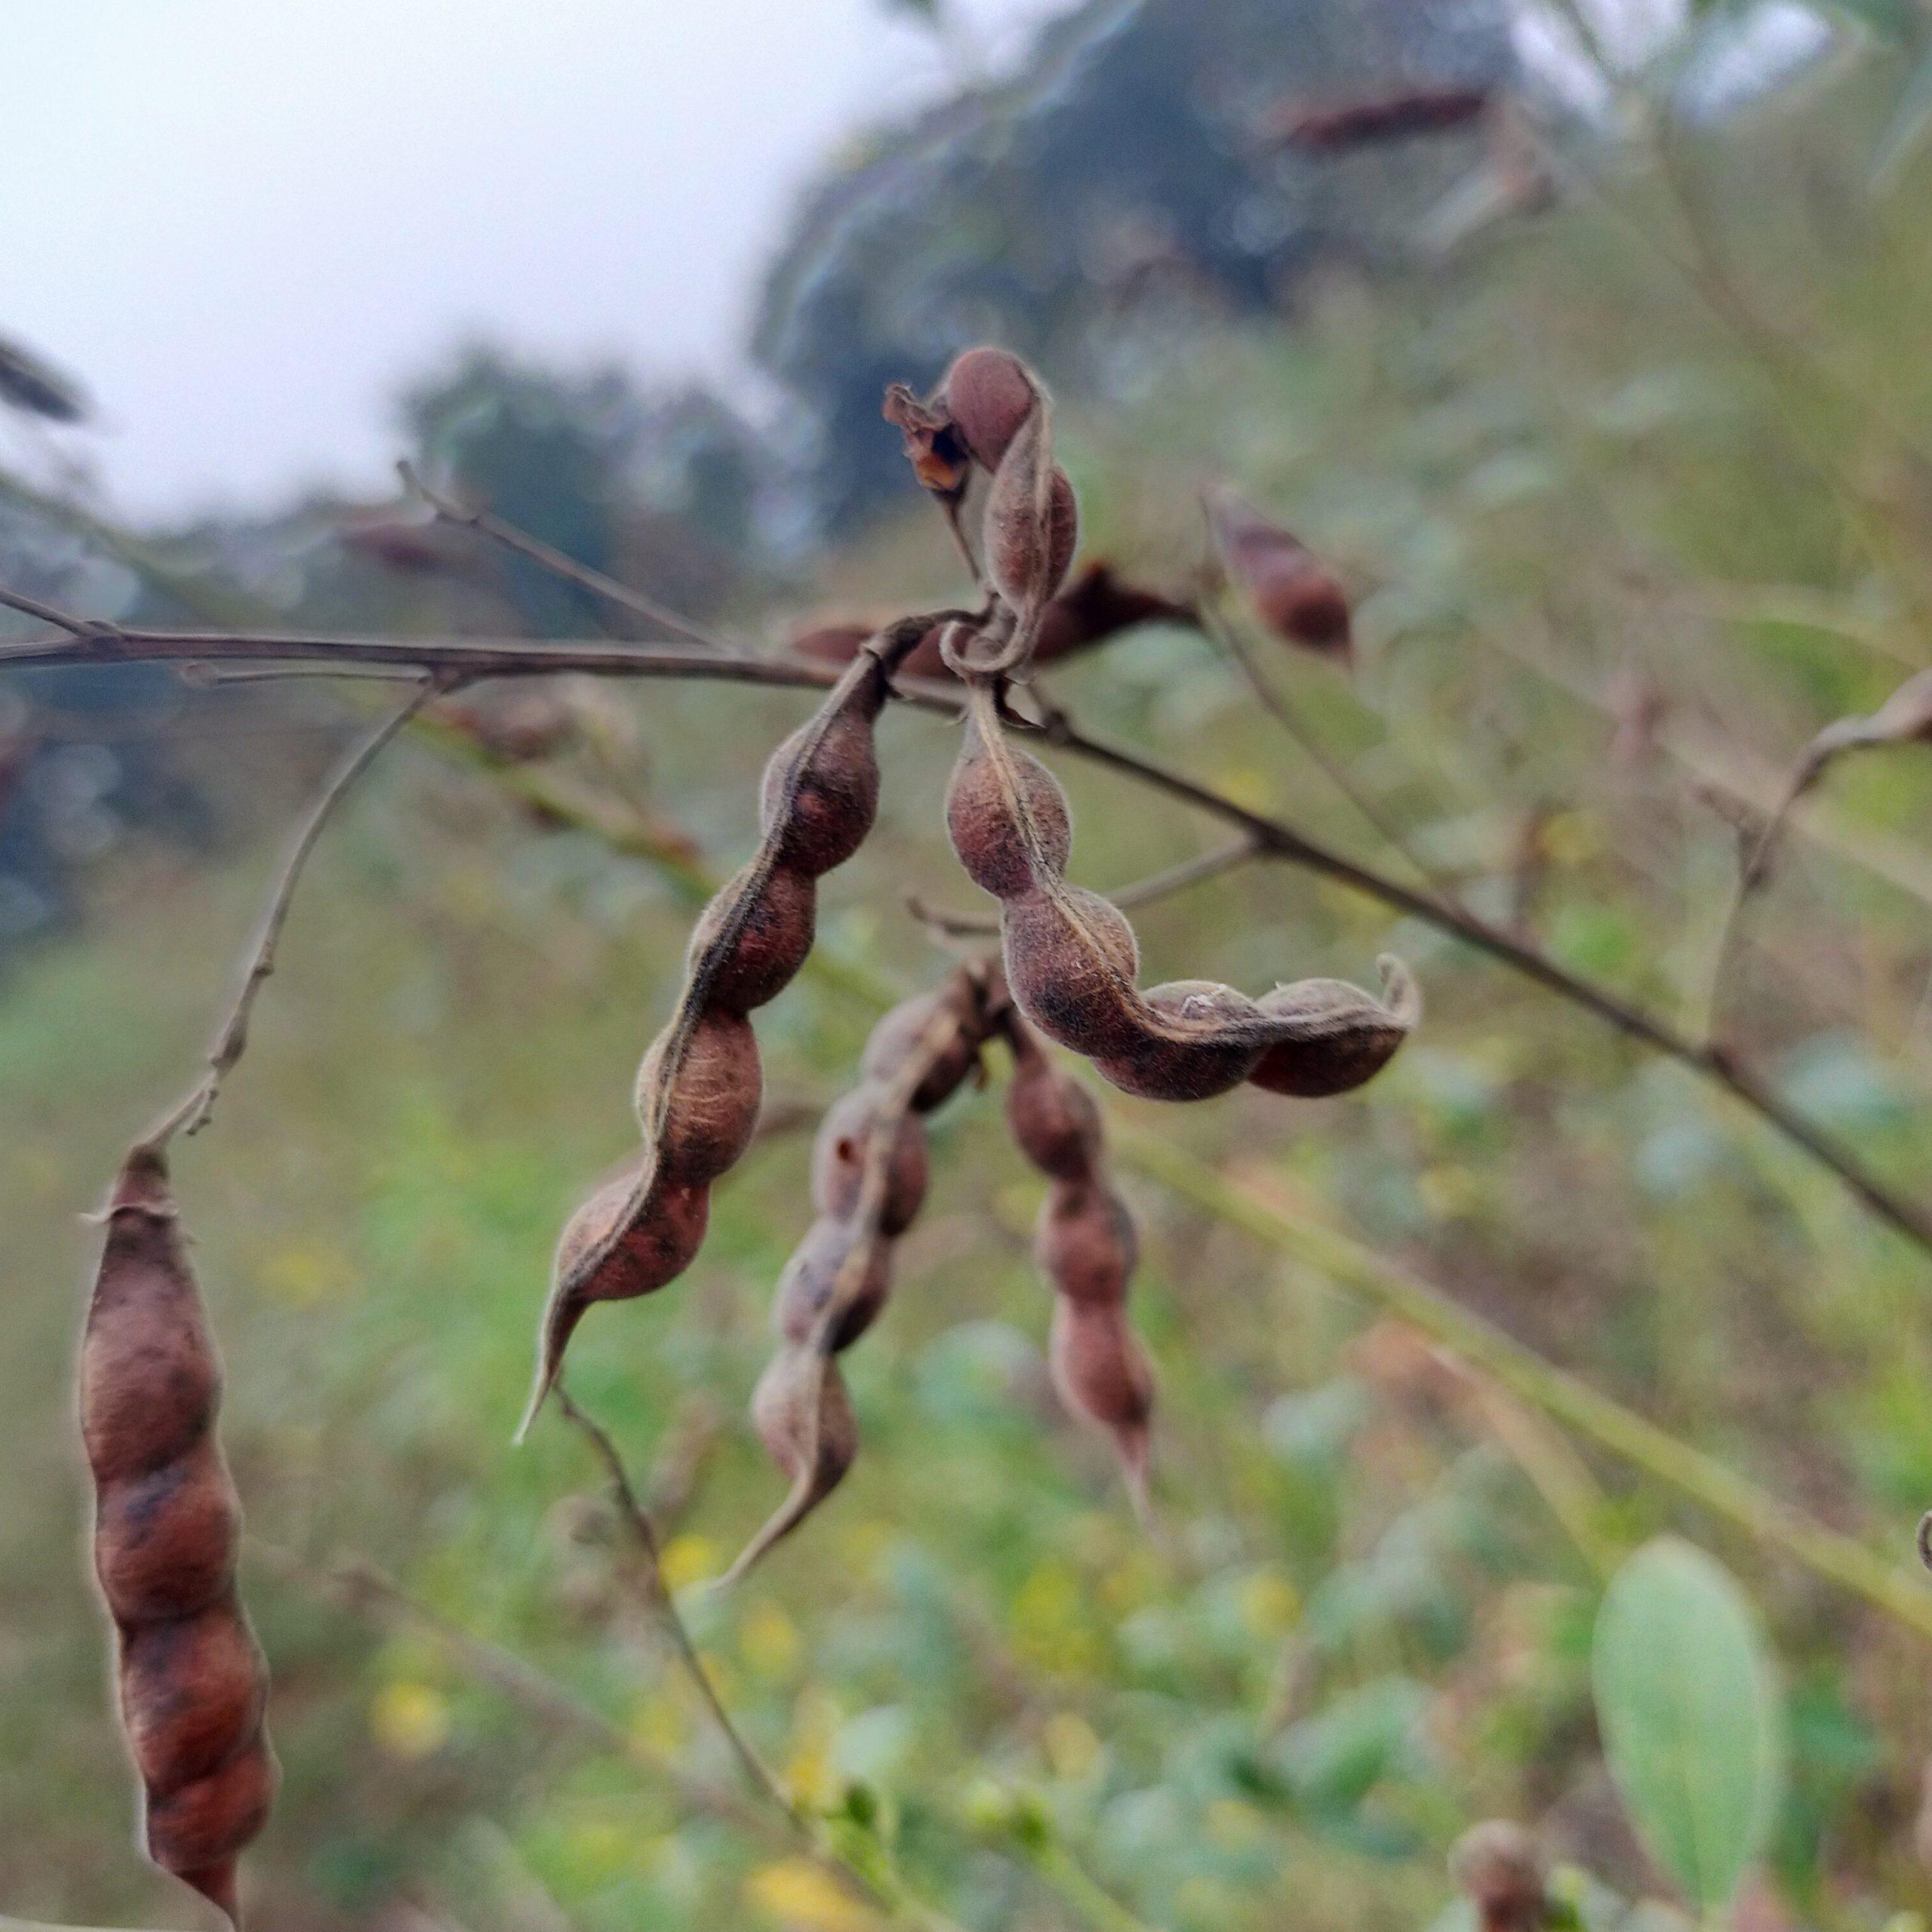 Dry bean plant